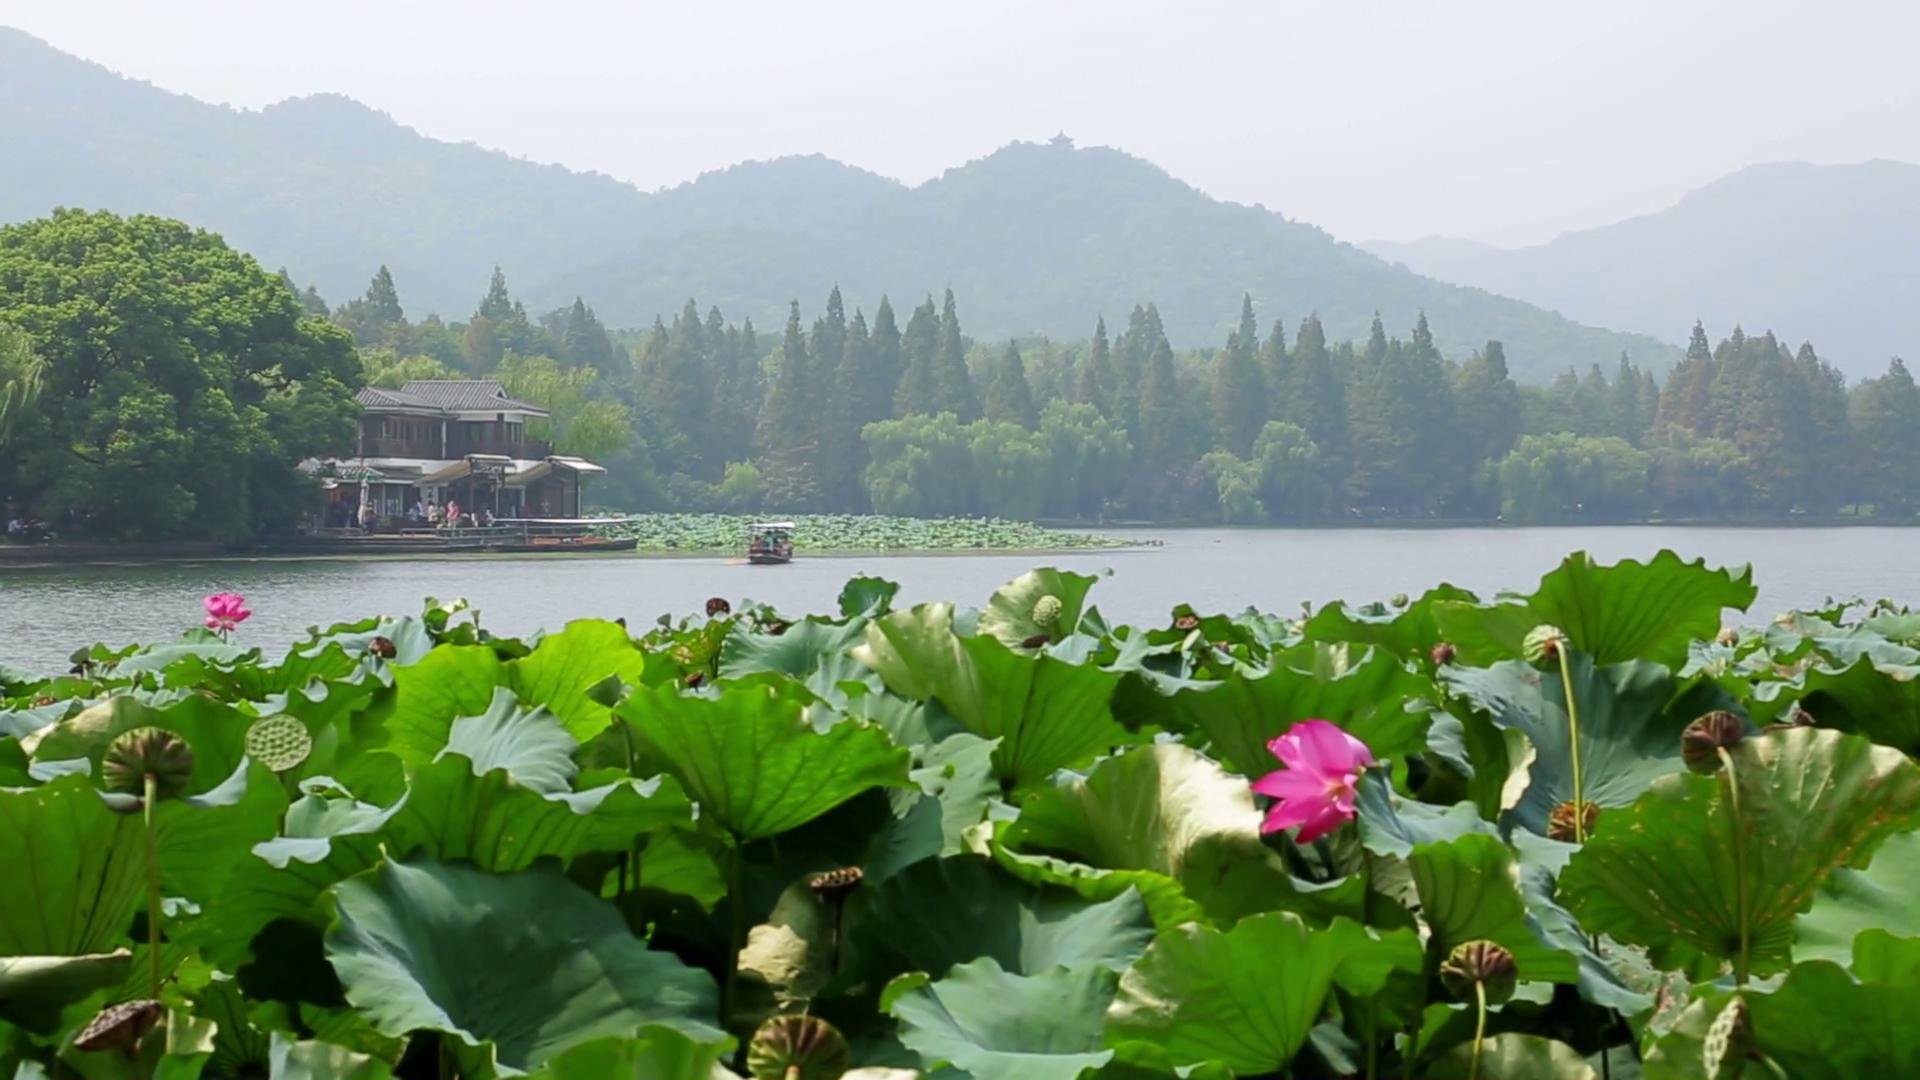 Hình ảnh đầm sen bên hồ đẹp